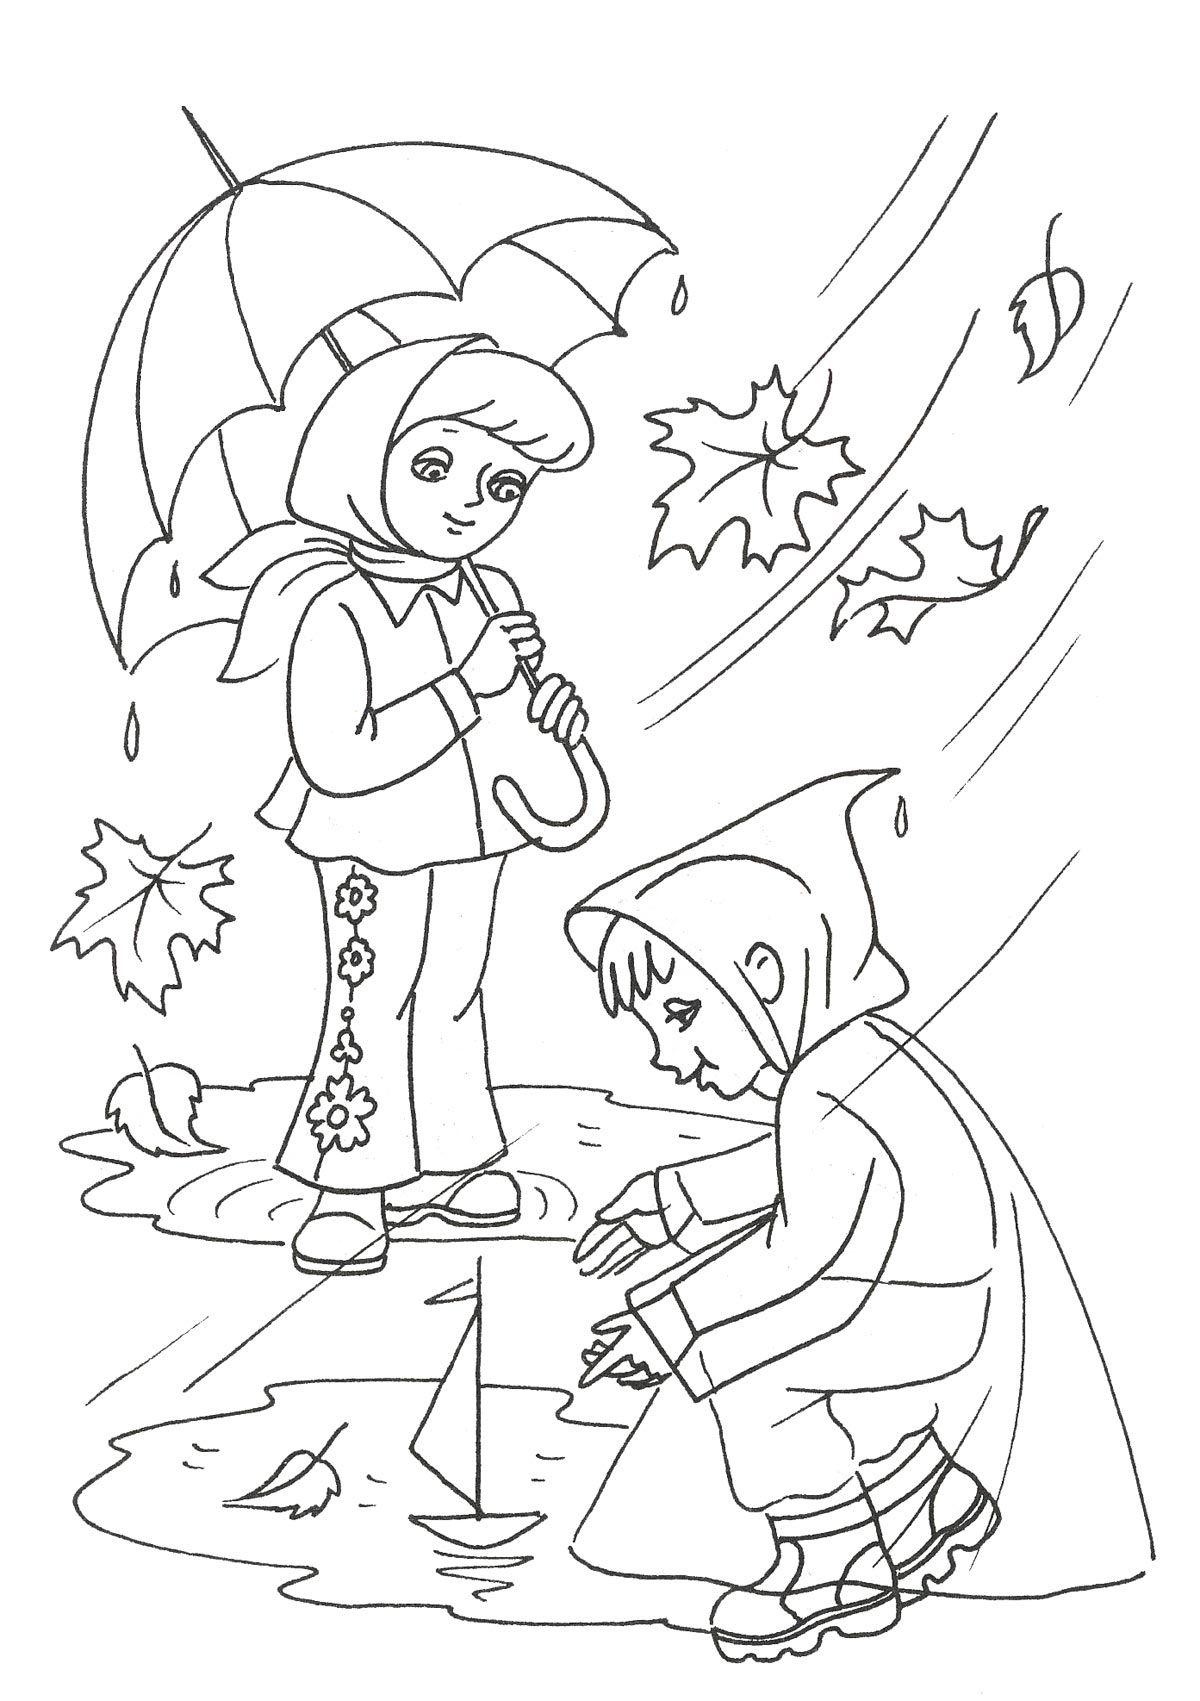 Осенняя раскраска | Раскраски, Книжка-раскраска, Раскраски ...